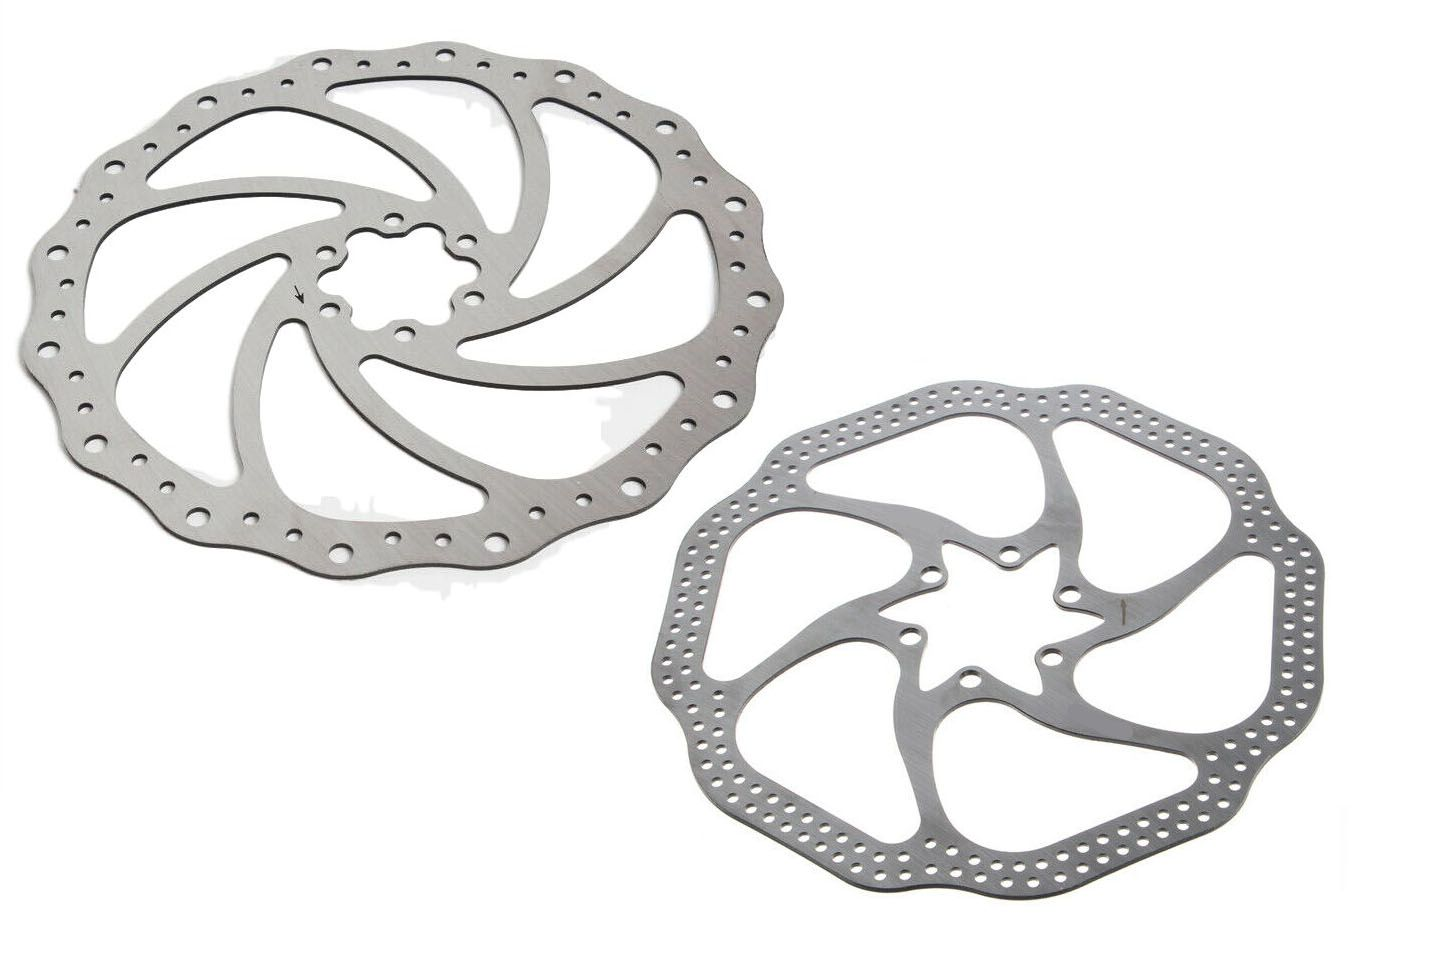 Par de Discos De Freio Rotor Absolute 180 e 160mm 6 Furos em Aço pra Bicicletas